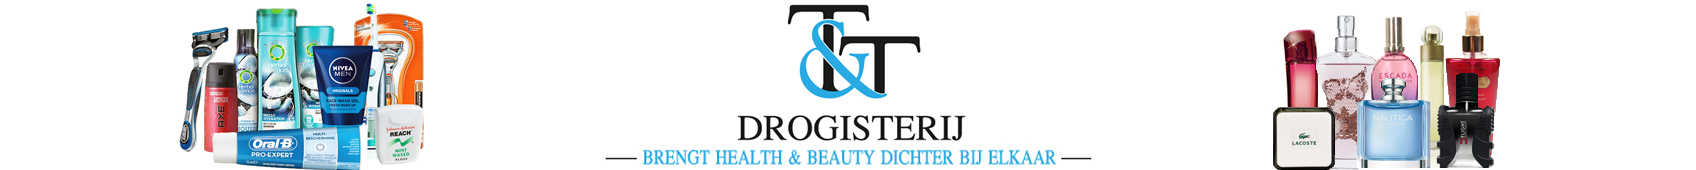 T&T Drogisterij | Voordeel, gemak en efficient online winkelen